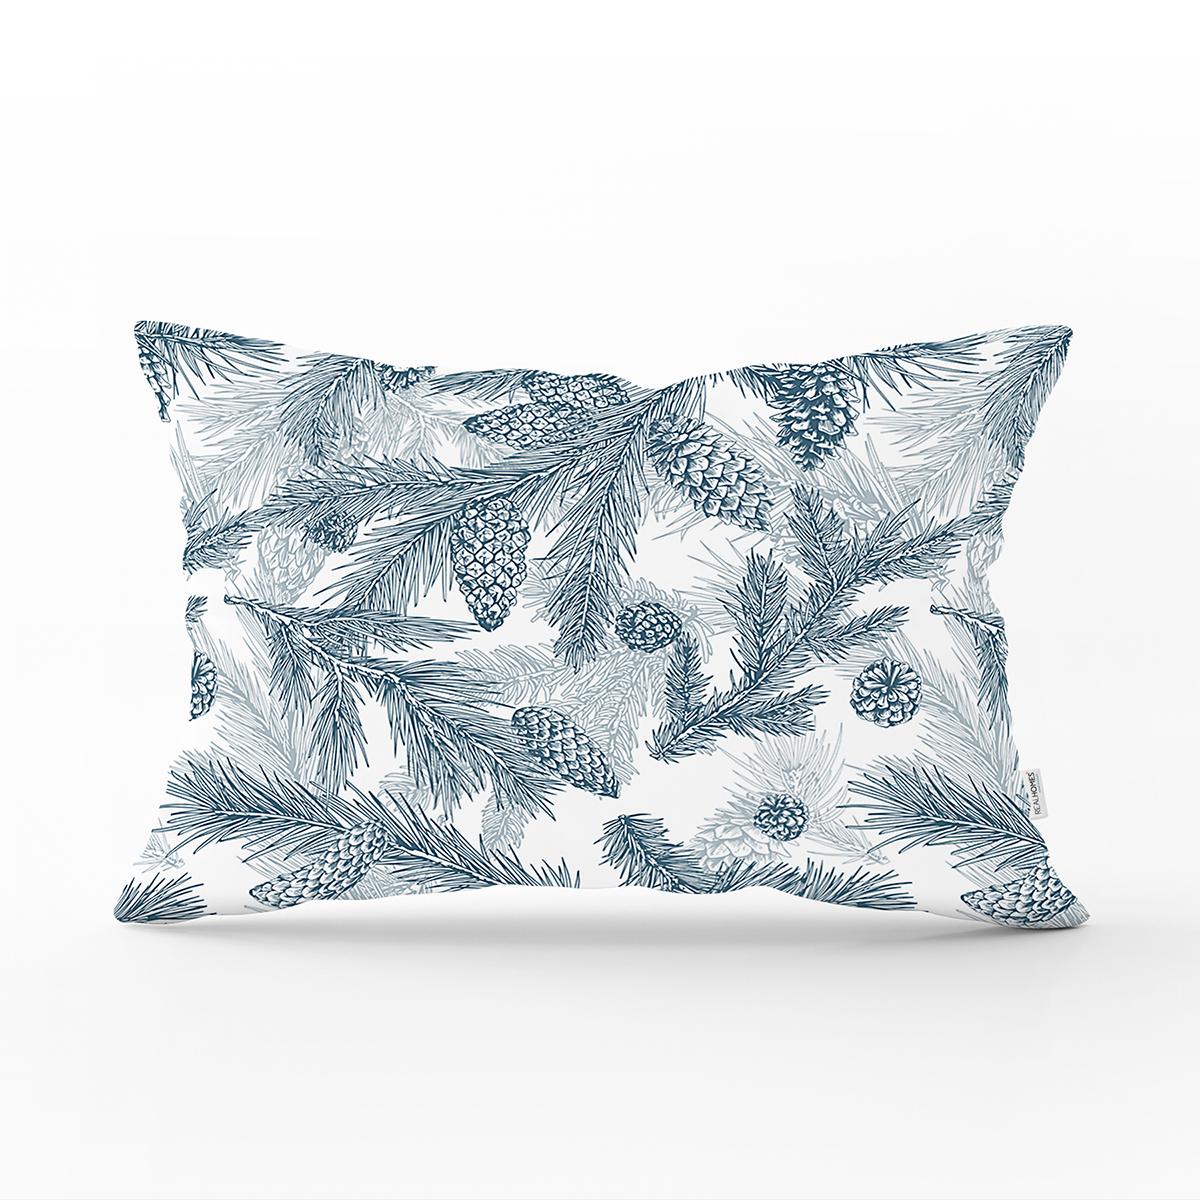 Beyaz Zemin Üzerinde Renkli Çam Yaprağı Desenli Modern Dikdörtgen Yastık Kırlent Kılıfı Realhomes